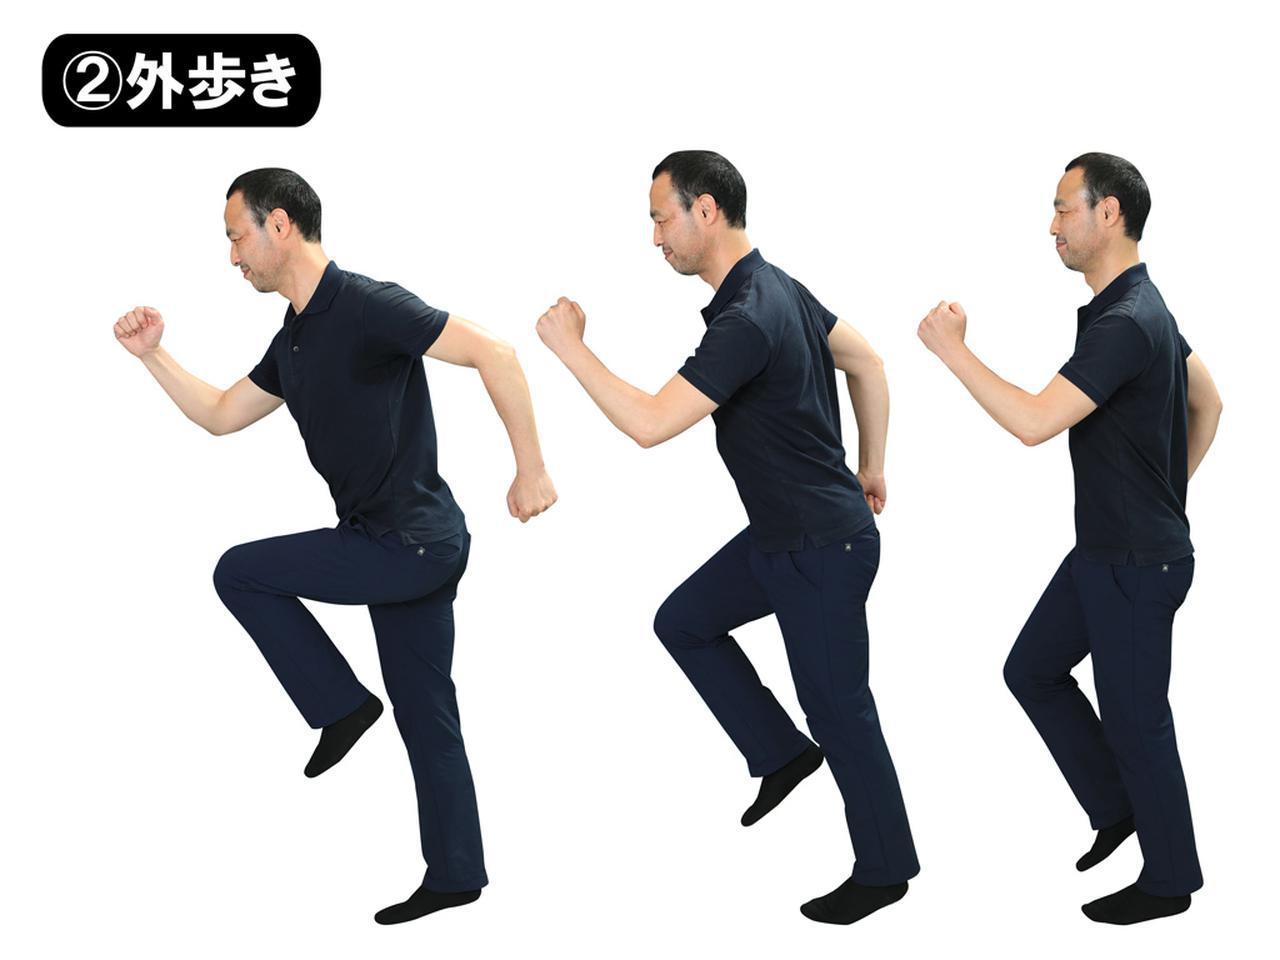 画像: 「その場歩き」から重心を前に傾けると勝手に前に進む。足を後ろに蹴る意識はなくてもいい。足を置いた瞬間、重心が後ろに残っているとブレーキがかかりひざにも負担が。小さな歩幅から始めよう